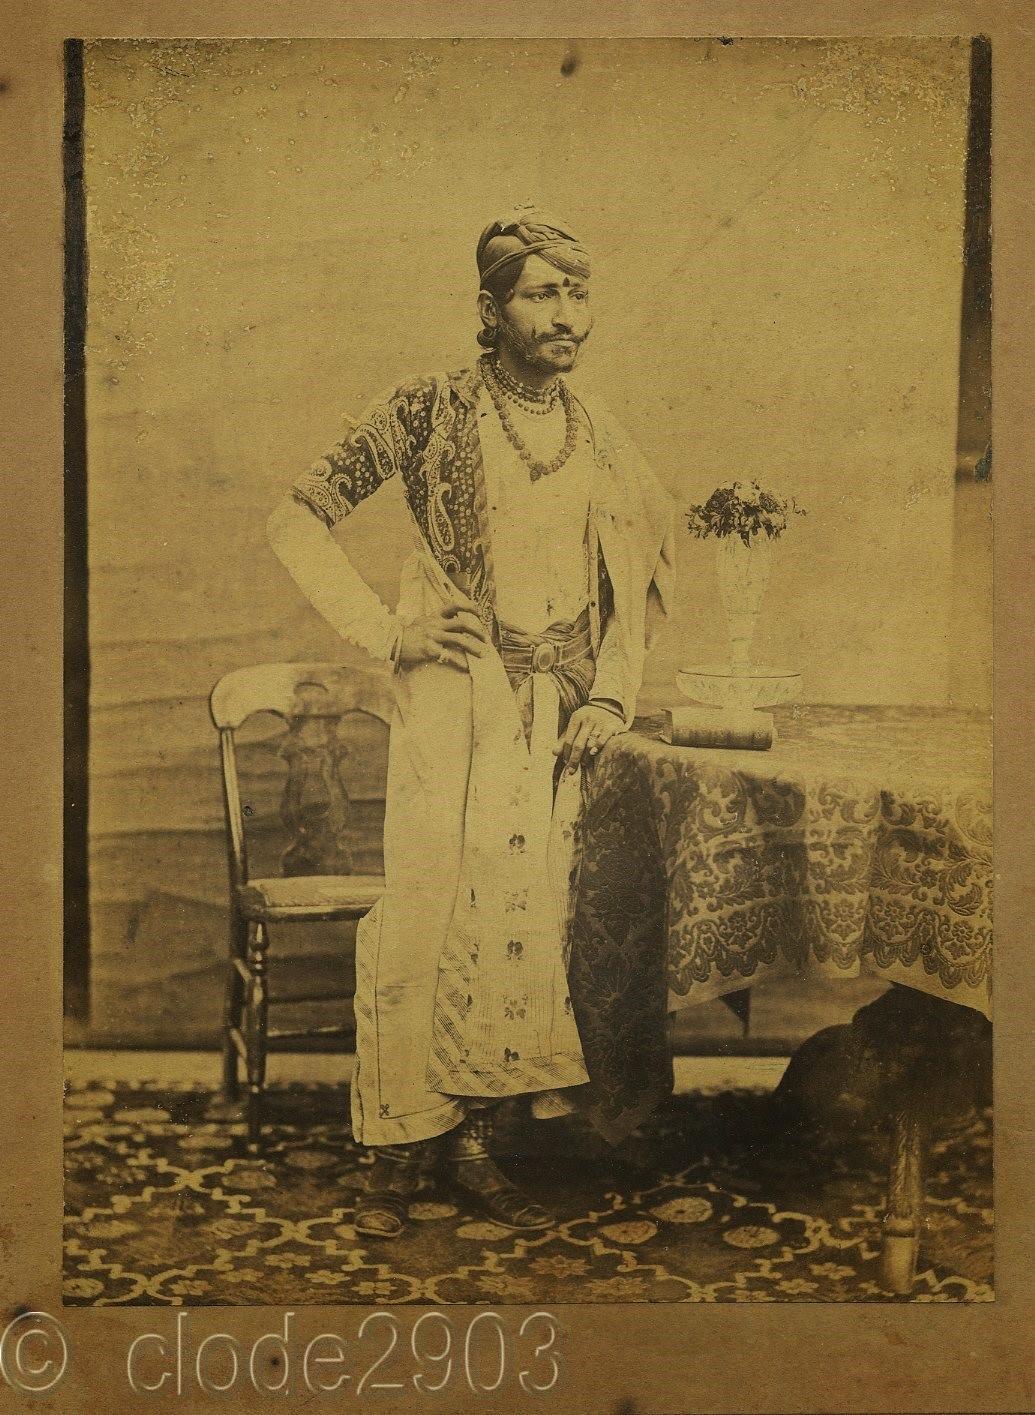 Maharaja of Jaipur Ram Singh II - c1870's